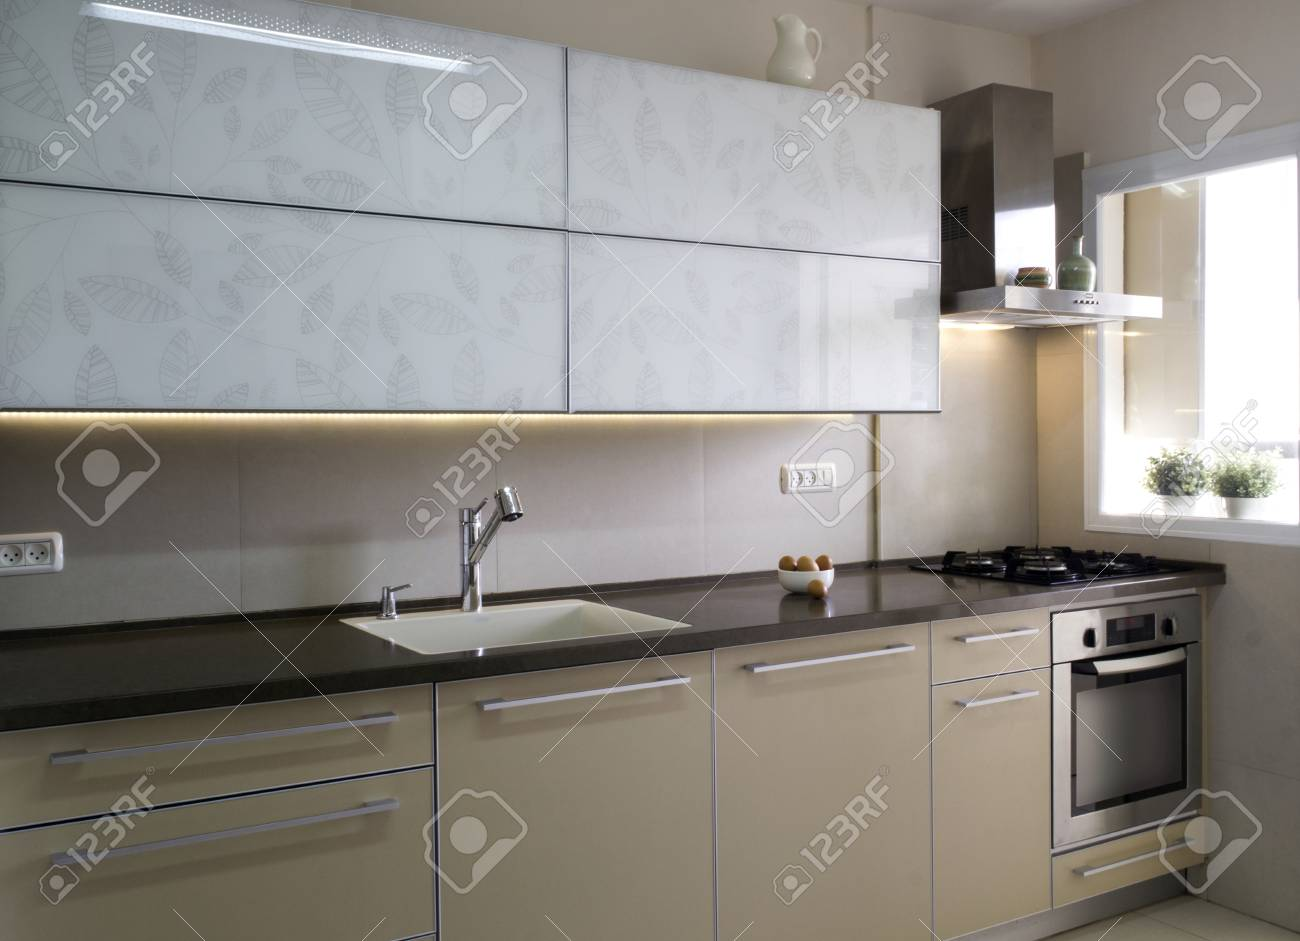 Moderne Keuken Kleuren : Moderne keuken inter in beige en crème kleuren royalty vrije foto